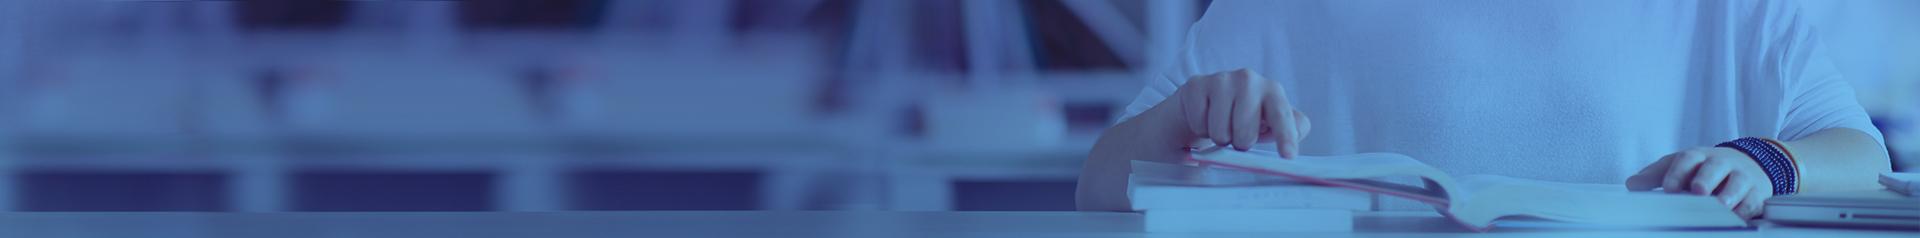 banner-busca